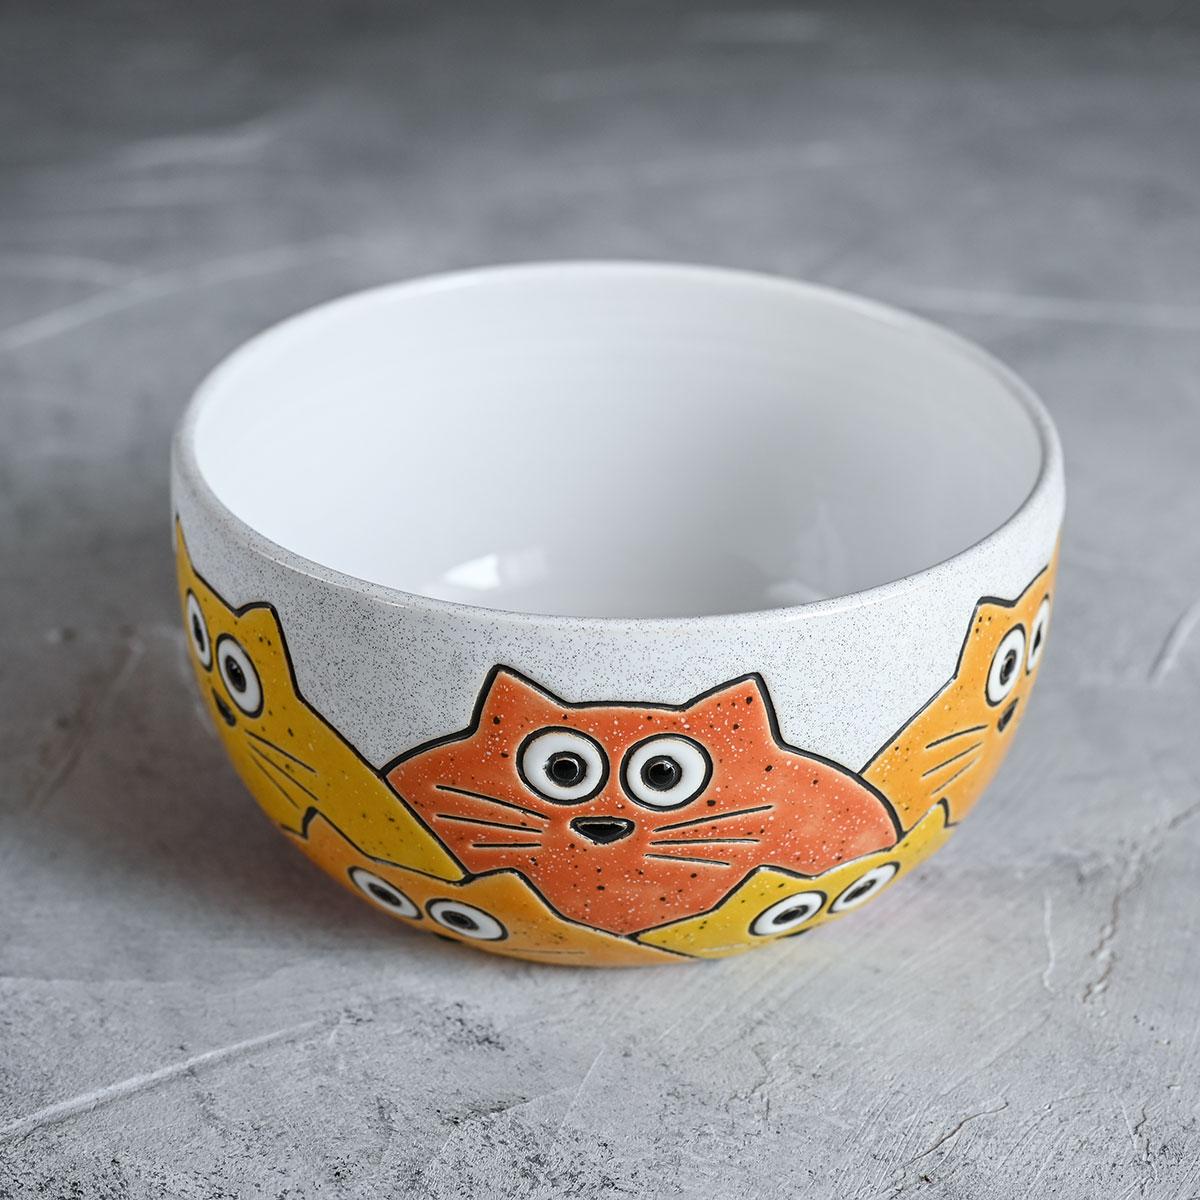 """картинка Миска """"Котики"""" бело-оранжевая - DishWishes.Ru"""